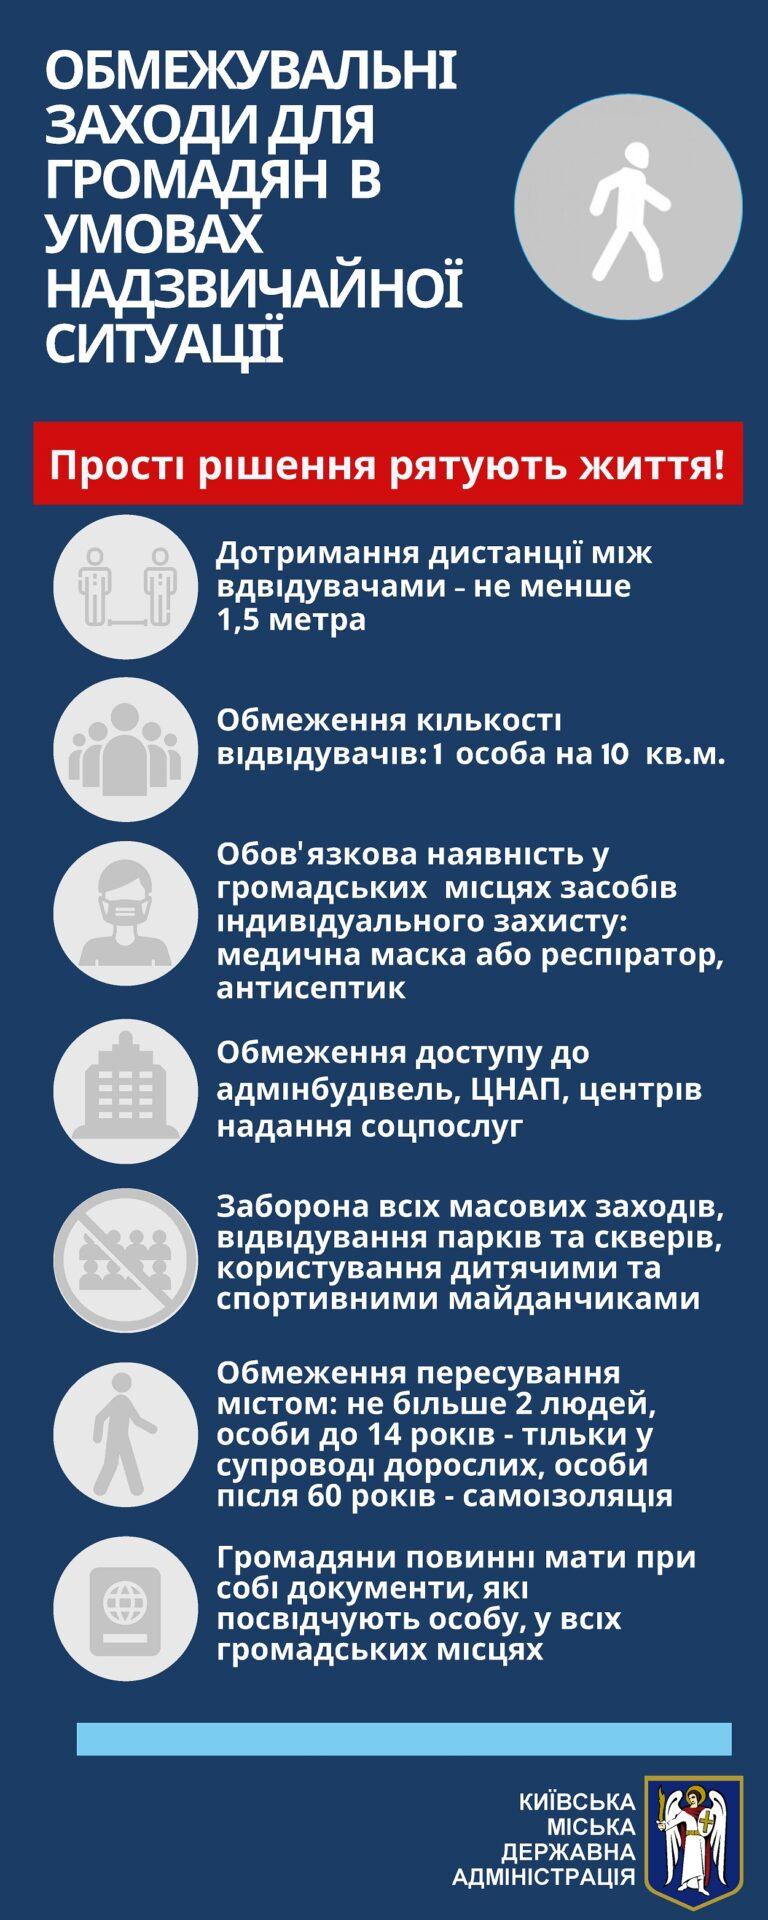 КГГА вводит в Киеве тотальный «масочный» контроль